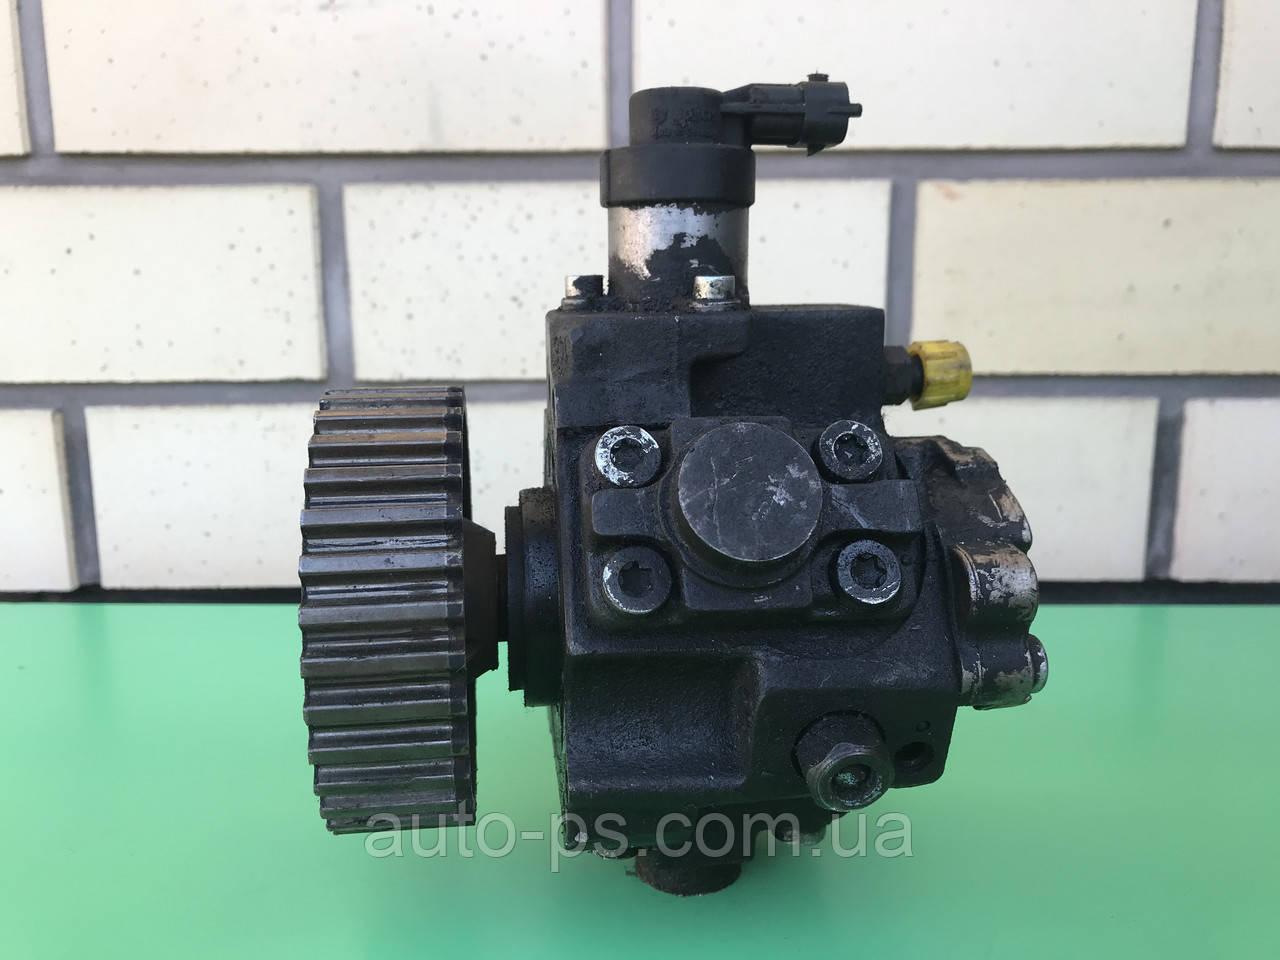 Топливный насос высокого давления (ТНВД) Peugeot 207 1.4-1.6HDI